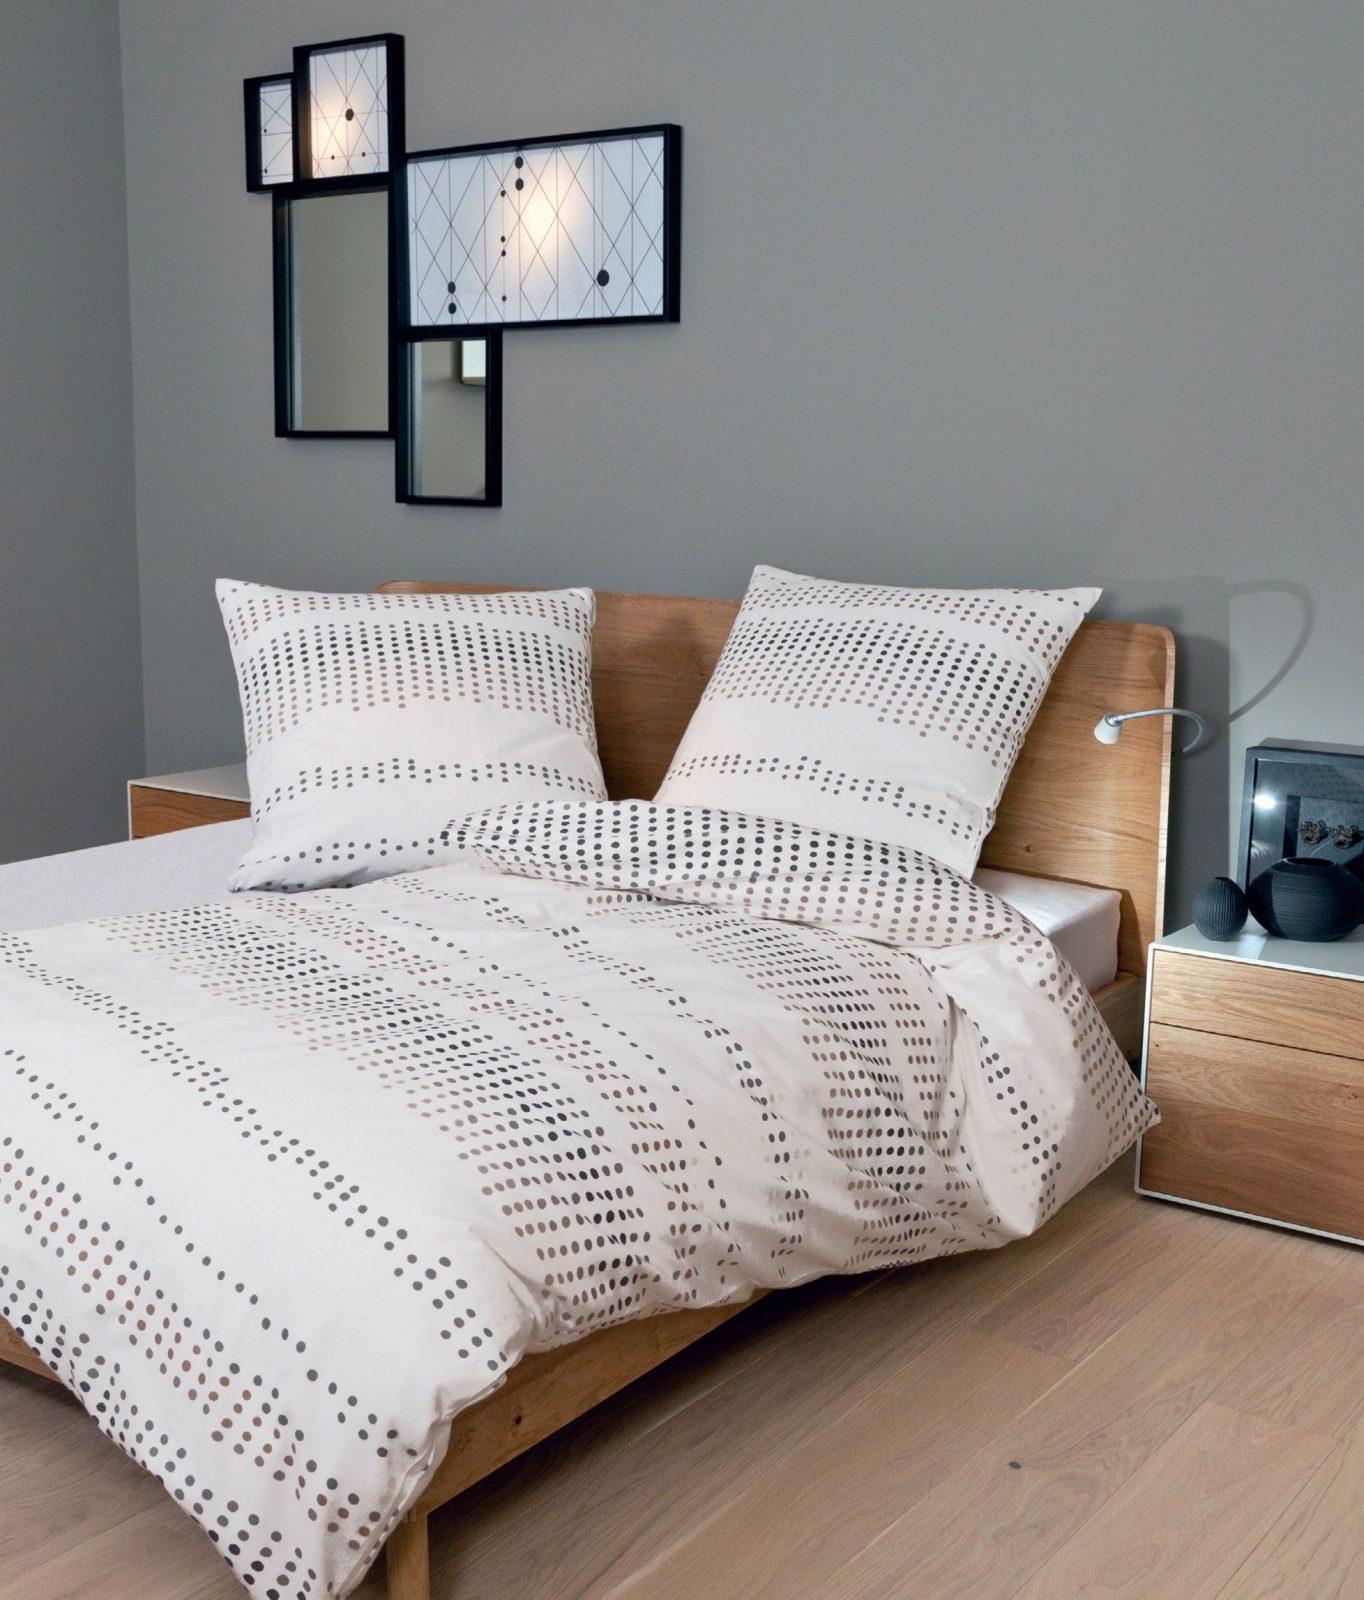 Premium Winterbettwäsche – Warum Es Sich Lohnt Auf Gute Qualität von Bettwäsche Flanell Biber Unterschied Bild